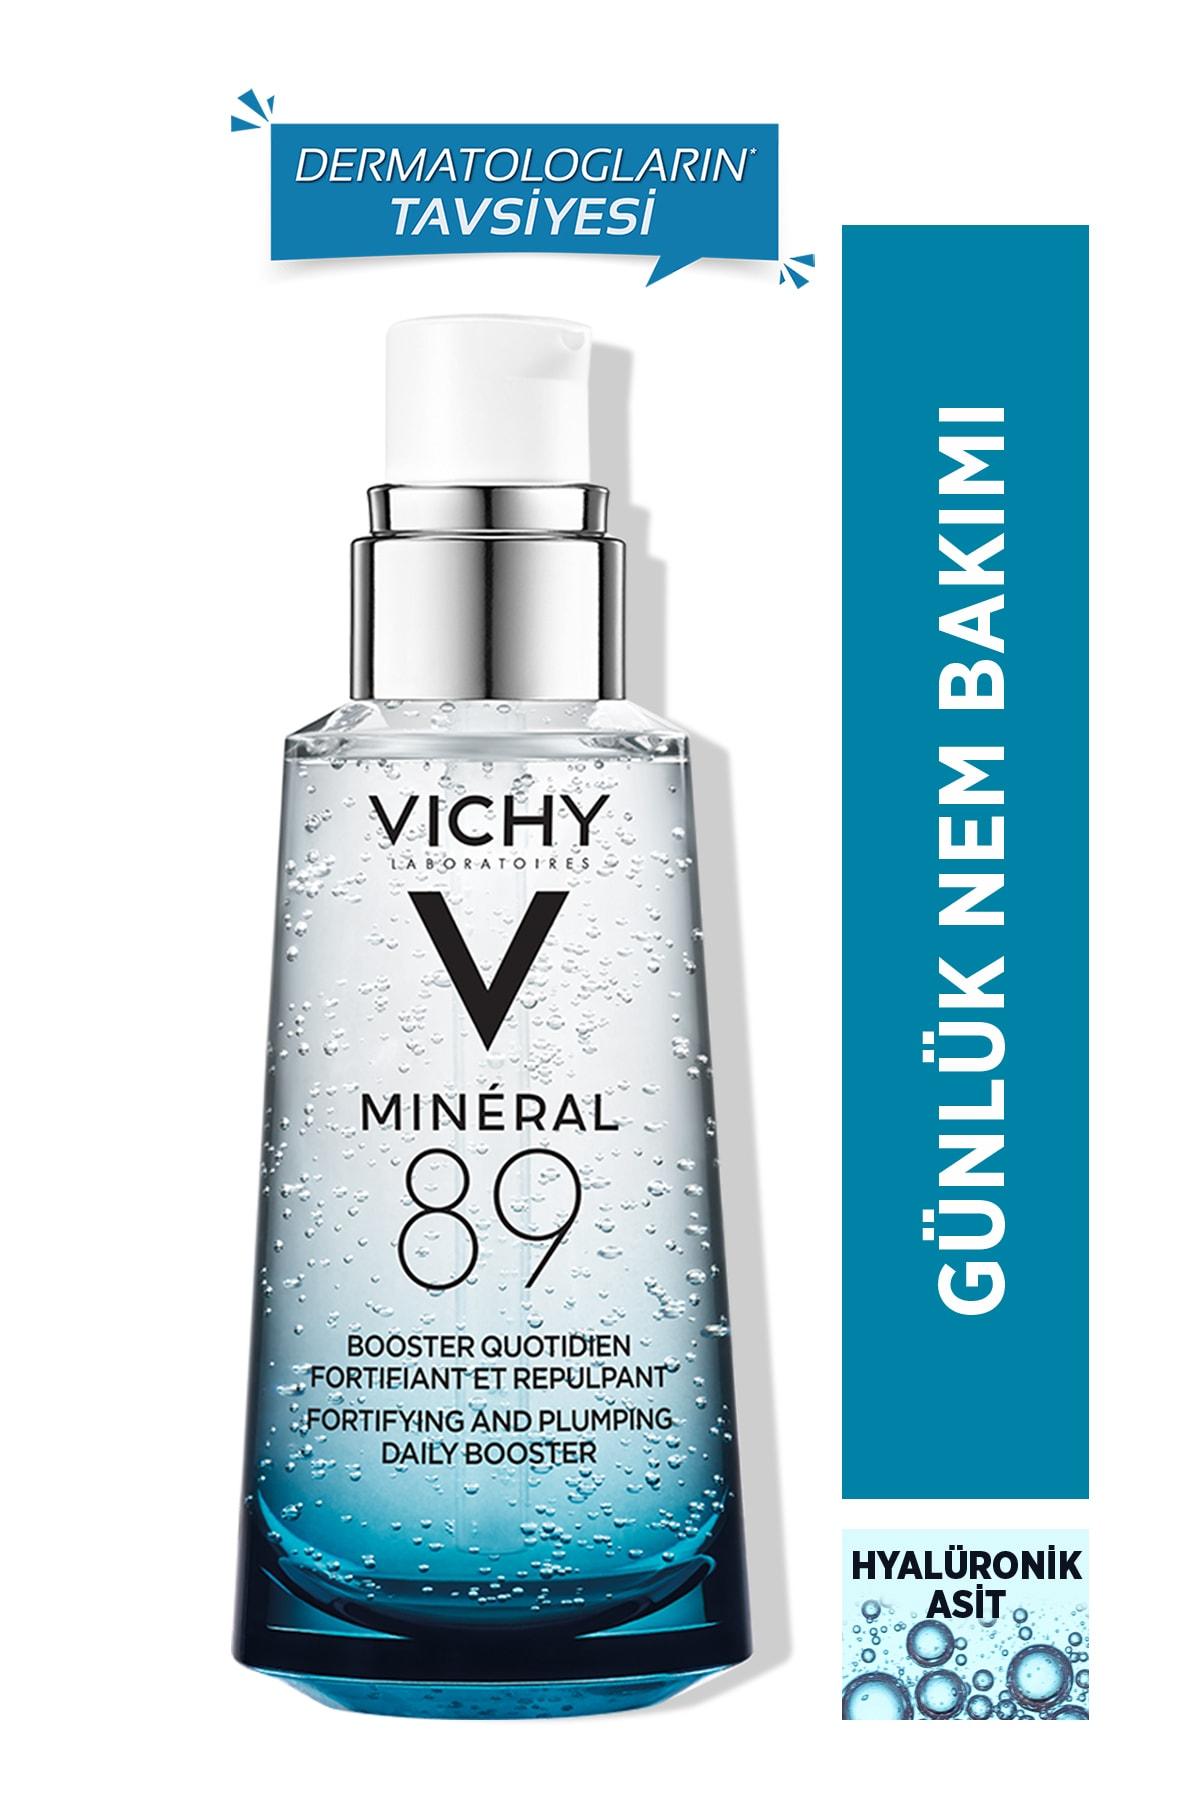 Vichy Mineral 89 Nemlendirici Cilt Serumu Hyalüronik Asit ve Termal Su Cilde Güç ve Nem Veren Bakım 50 ml 1